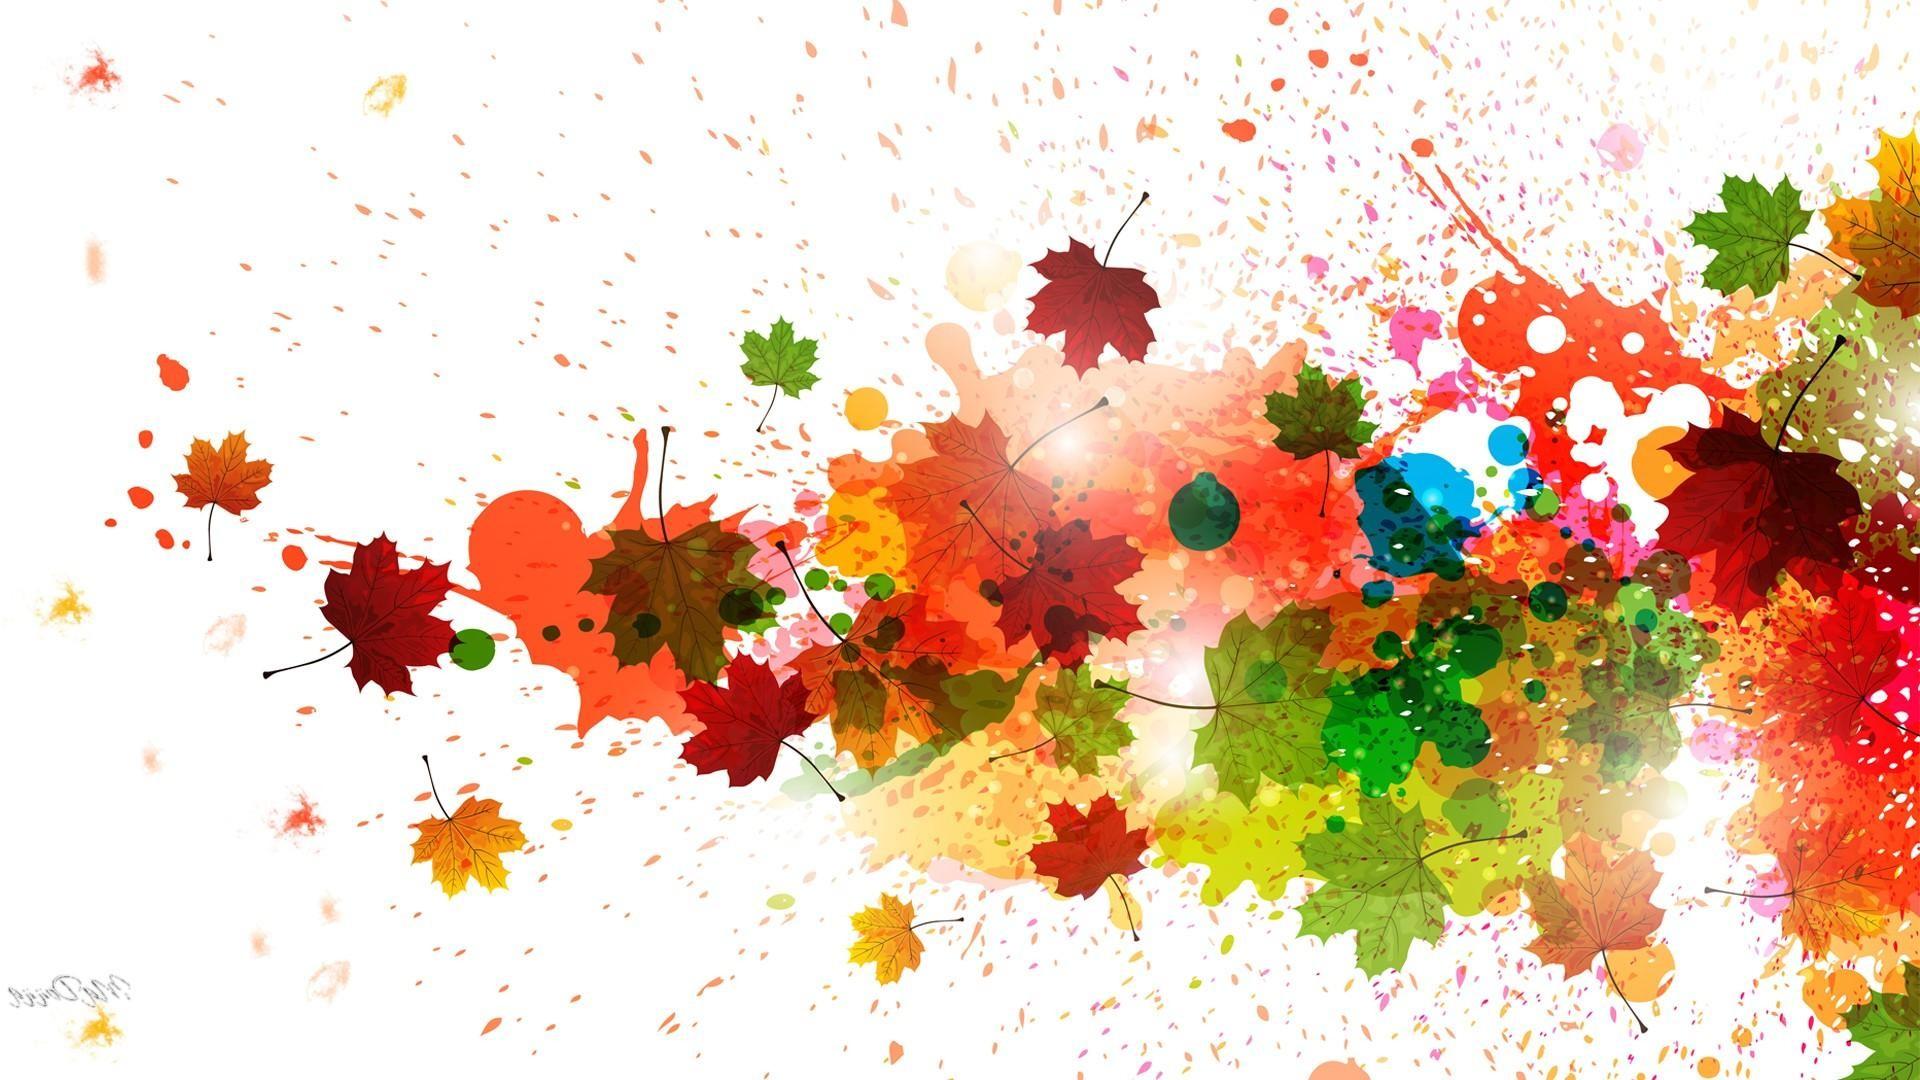 splatter paint wallpaper ·①